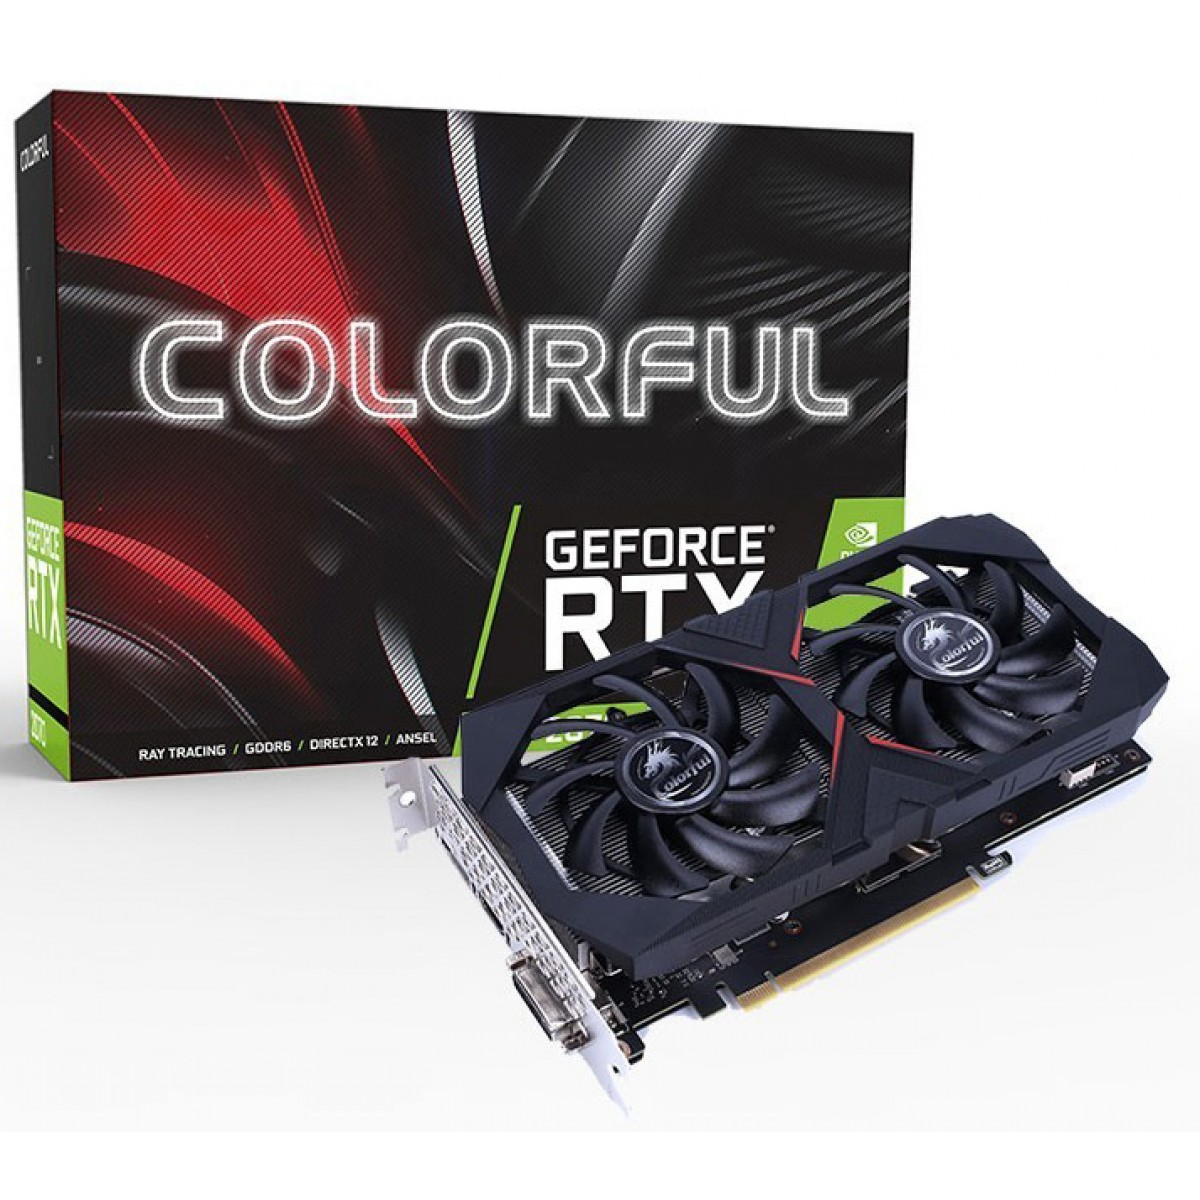 Placa de Vídeo Colorful iGame GeForce RTX 2060 6G V2-V, 6GB GDDR6, 192Bit